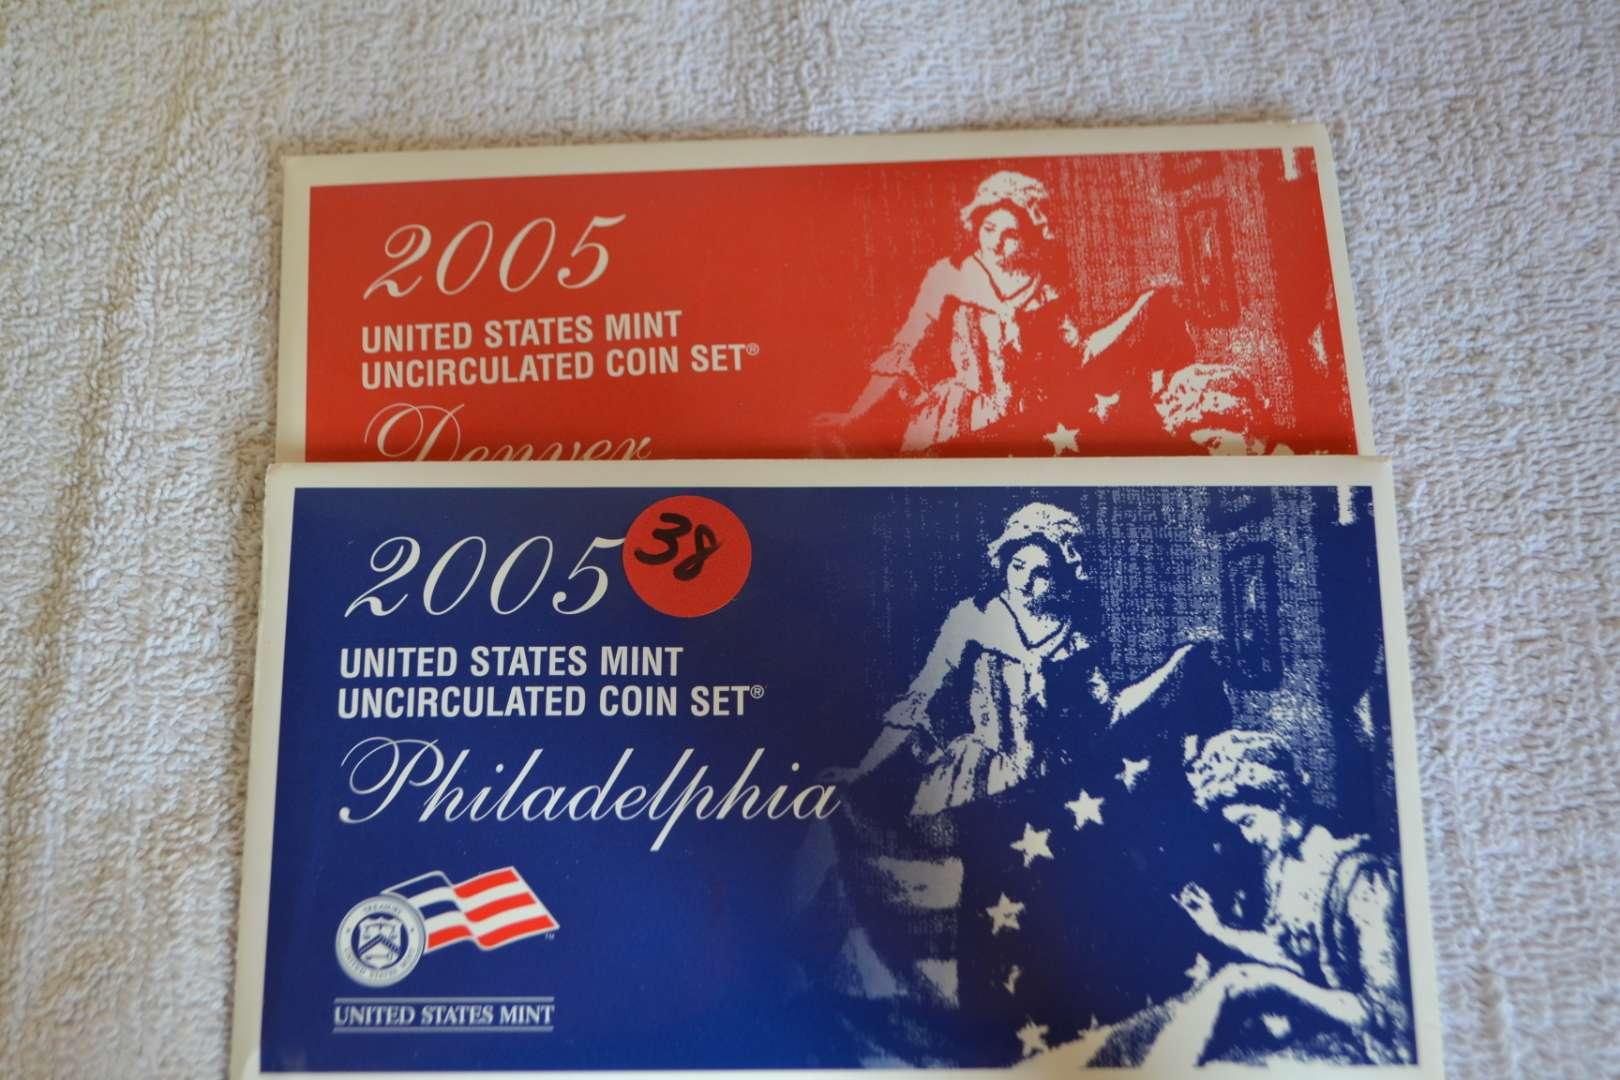 Lot # 38 2005 UNITED STATES MINT UNC COIN SET P&D